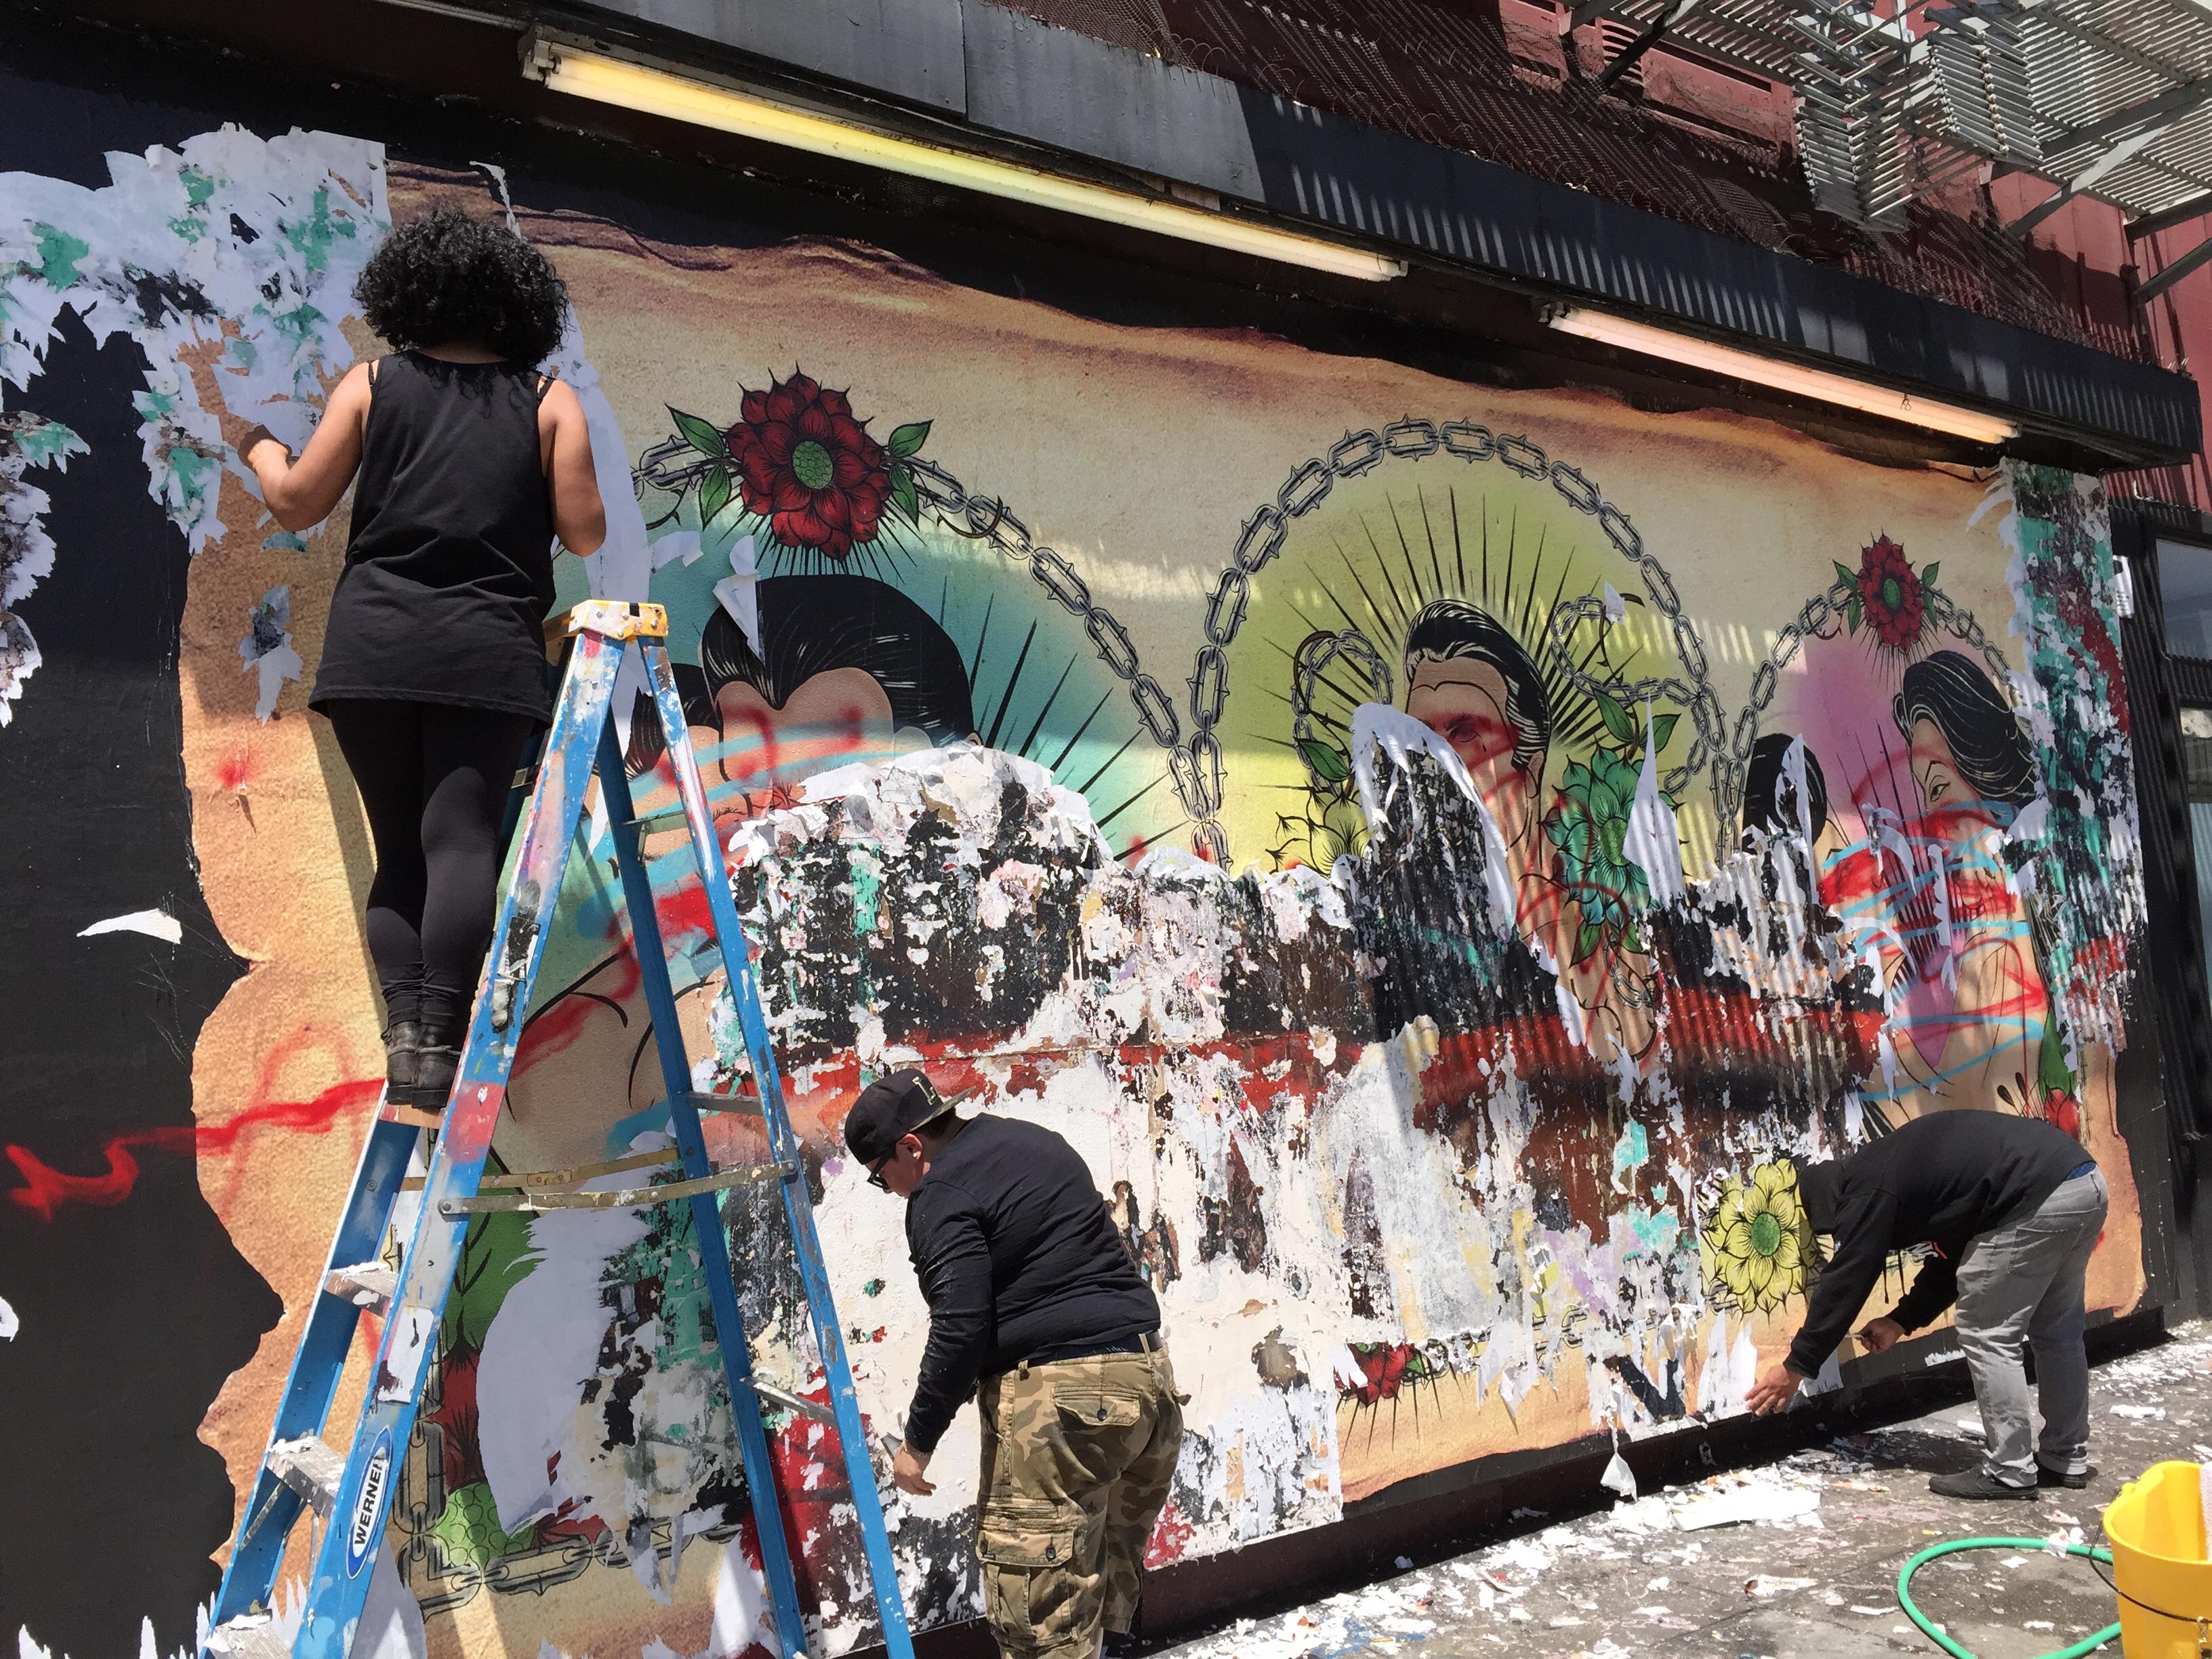 Tres voluntarios que raspan el mural desfigurado de la pared en la Galería de la Raza en la 24ª y Bryant en el Distrito de la Misión de San Francisco (Cy Musiker). Foto: KQED